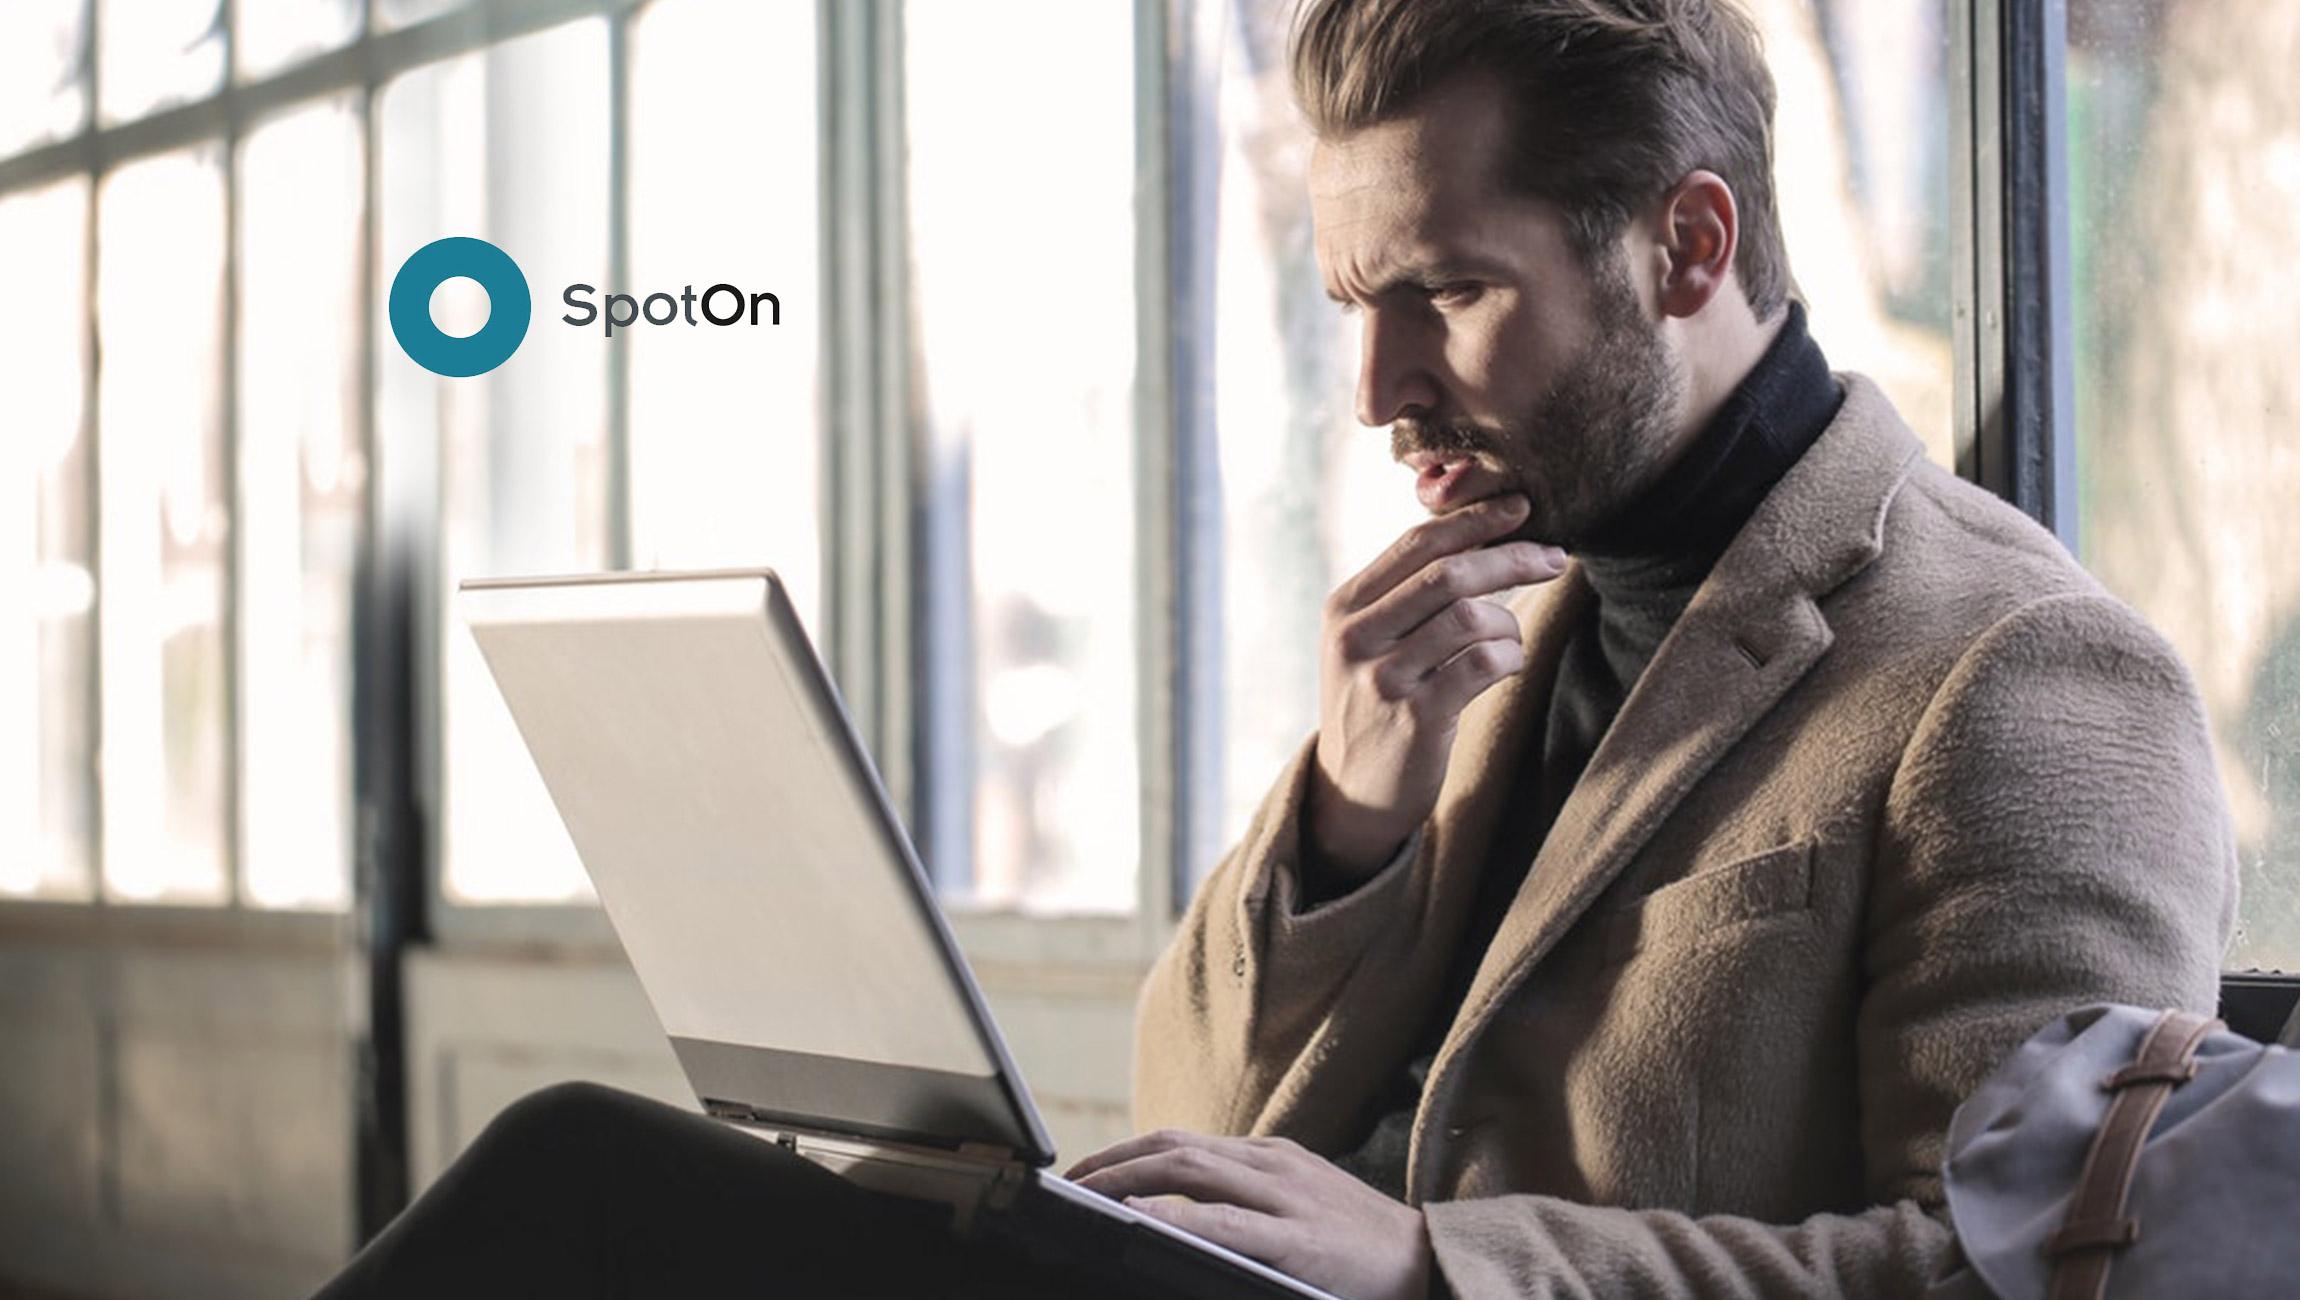 SpotOn Acquires EmaginePOS